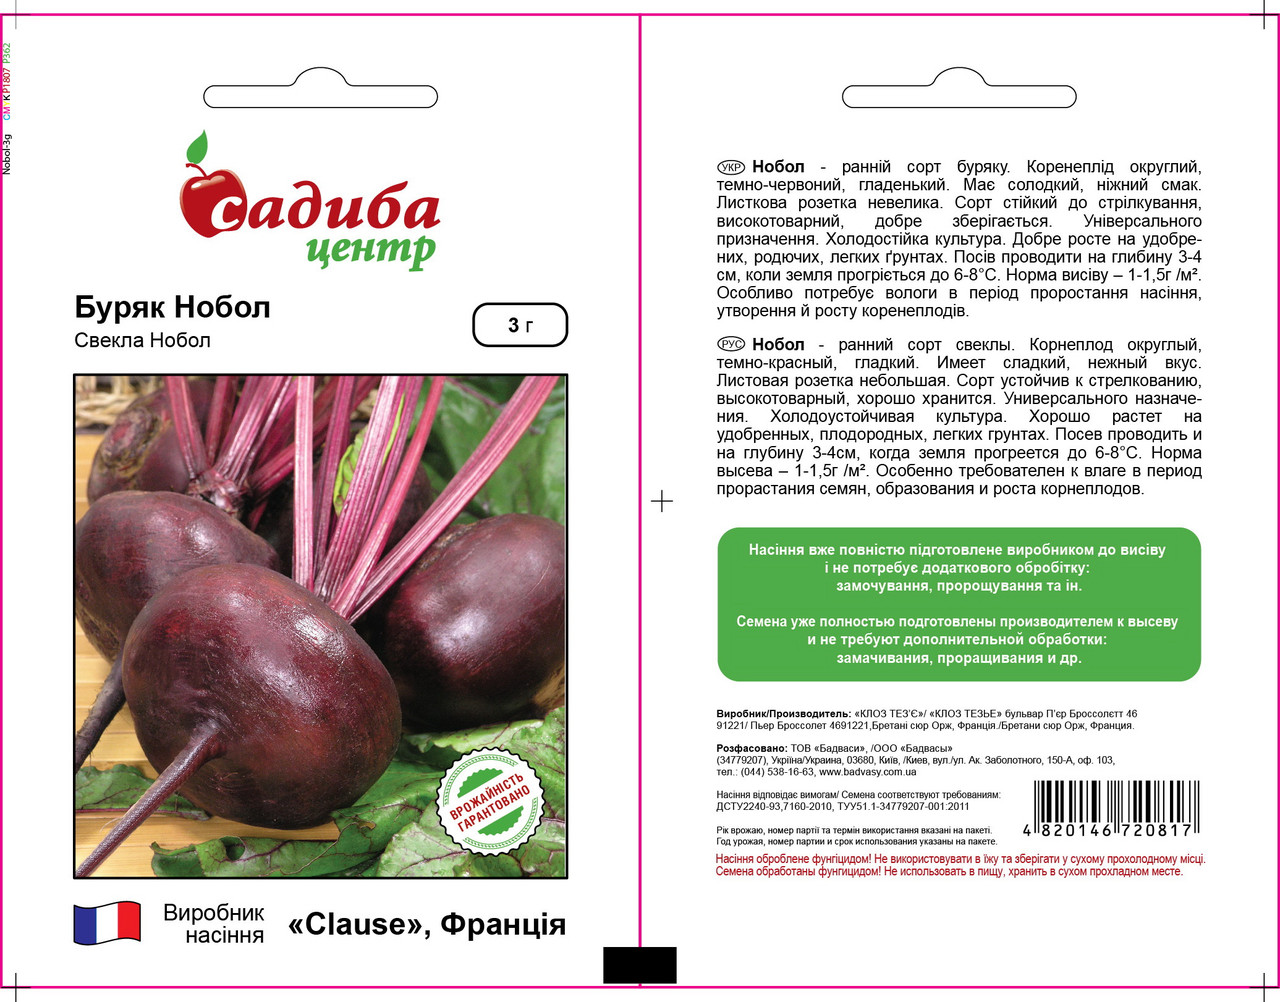 Семена свеклы Нобол (Clause / САДЫБА ЦЕНТР) 3 г — ранняя сортовая (70-90 дней), круглая, столовая